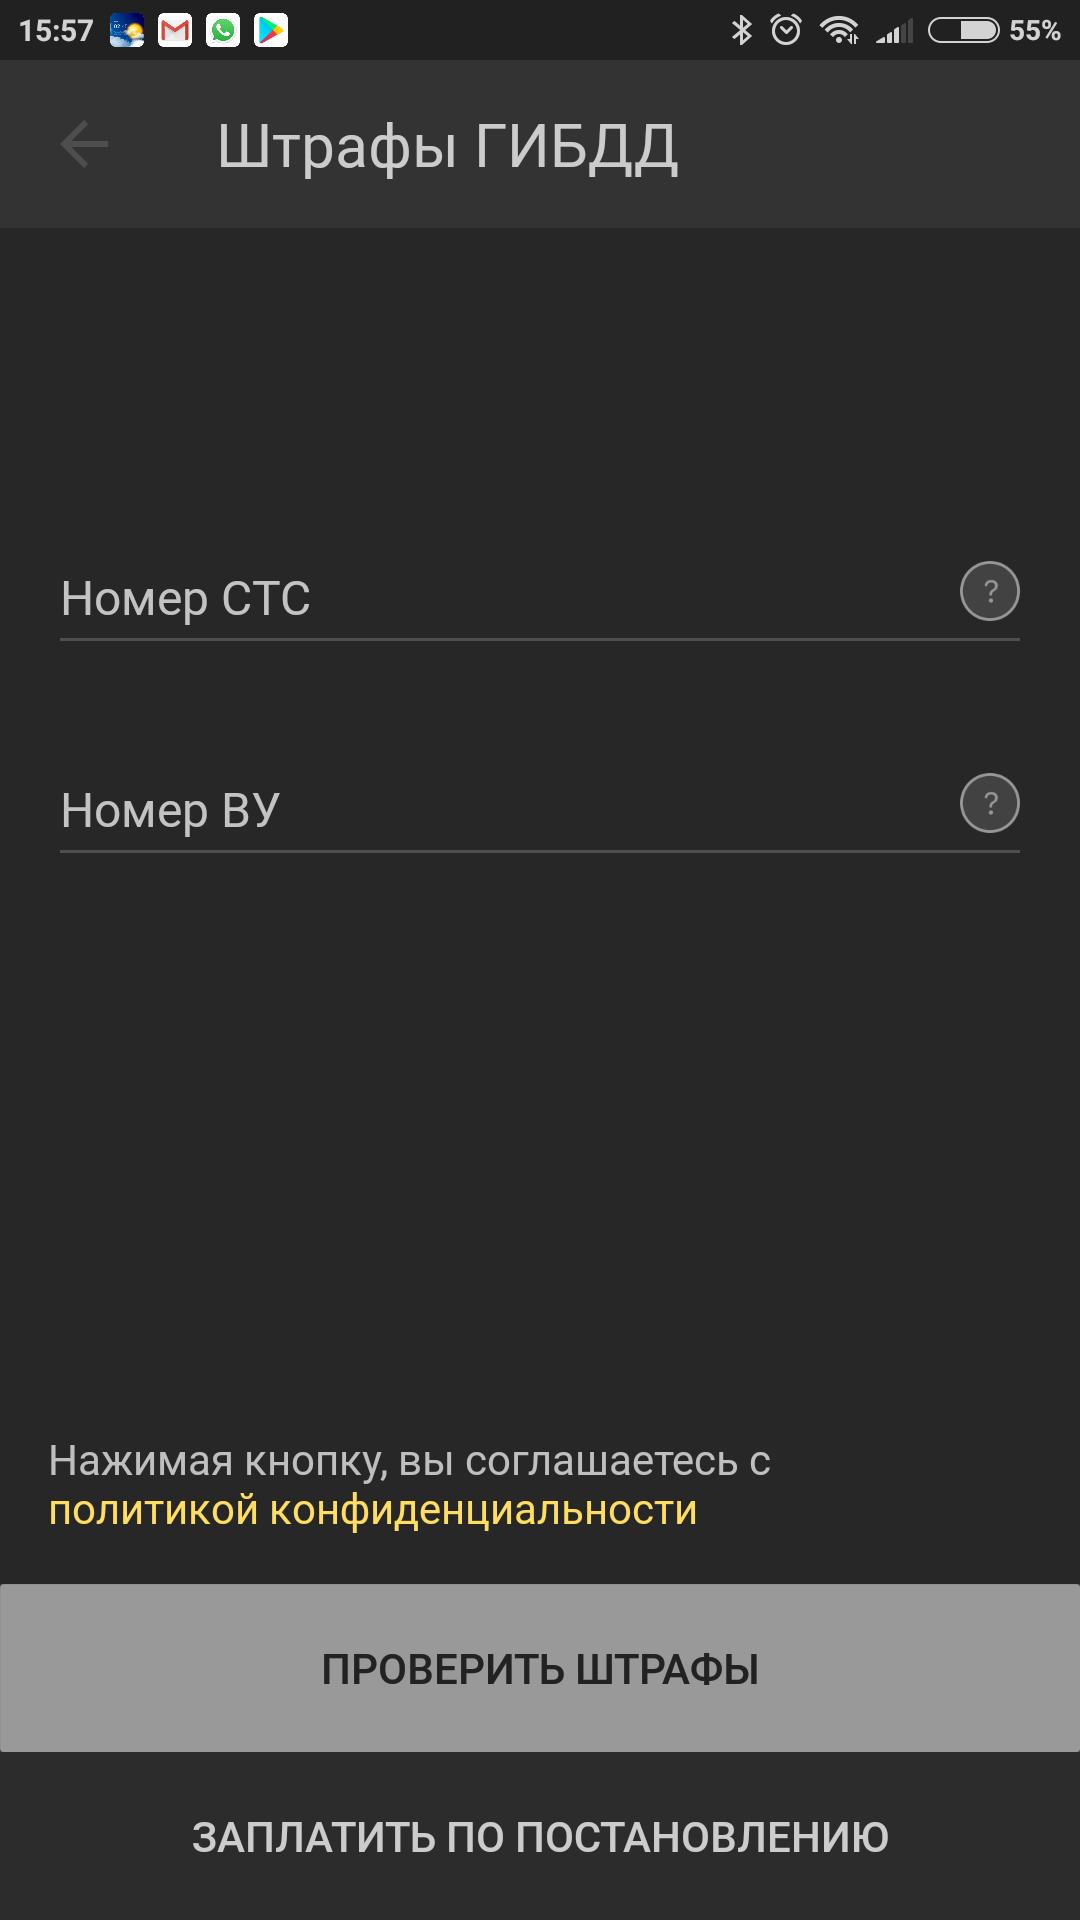 Проверка штрафов в приложении Яндекс.Навигатор